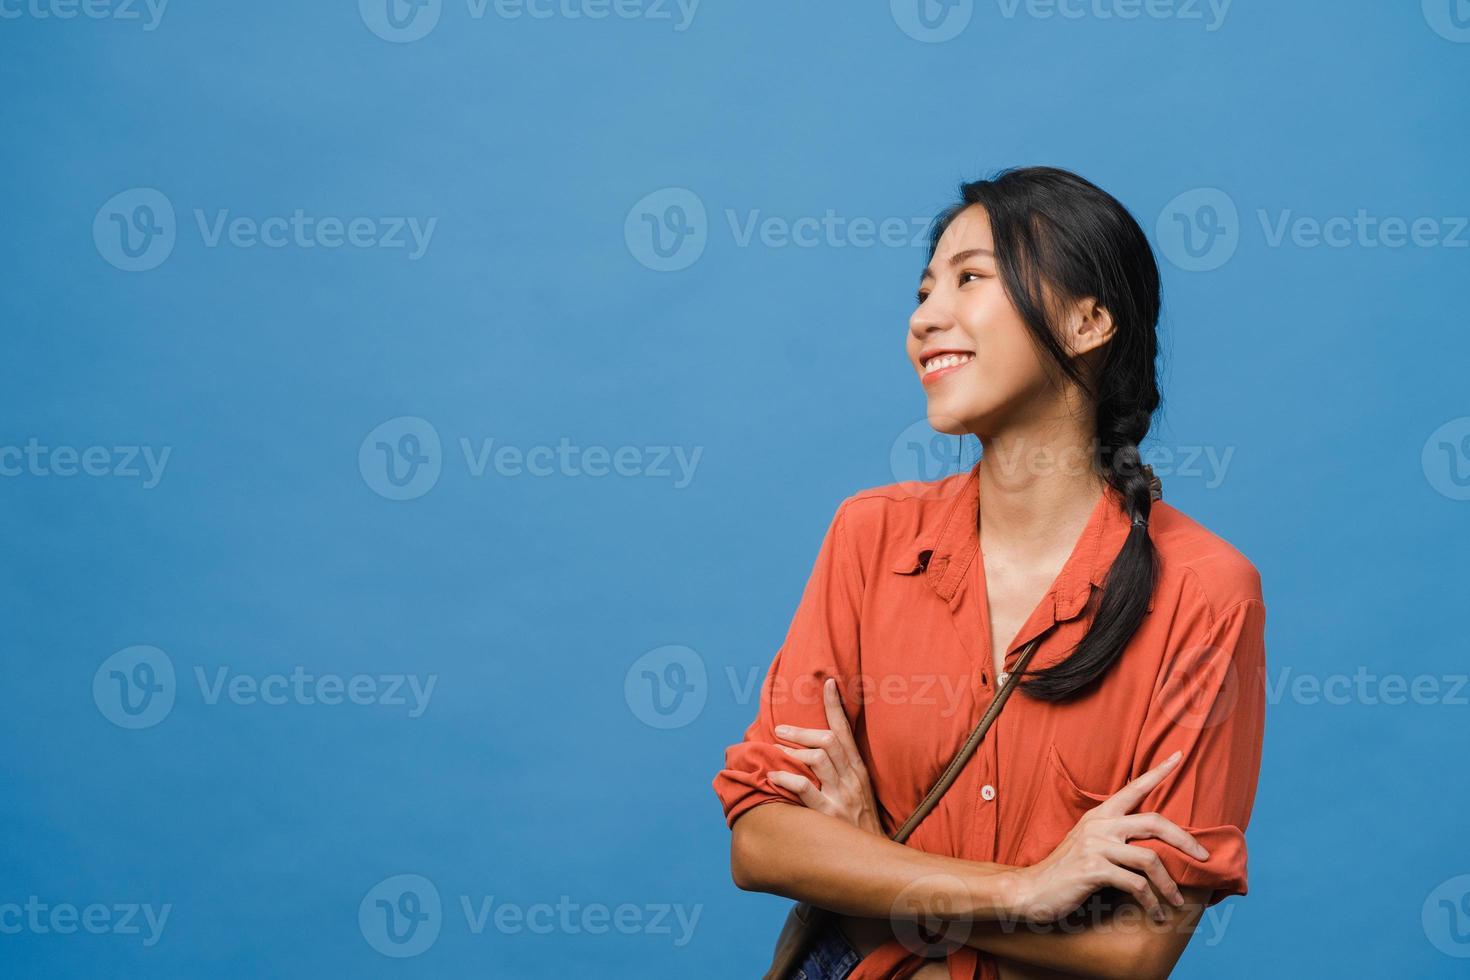 Retrato de una joven asiática con expresión positiva, con los brazos cruzados, una amplia sonrisa, vestida con un paño informal sobre fondo azul. feliz adorable mujer alegre se regocija con el éxito. concepto de expresión facial. foto